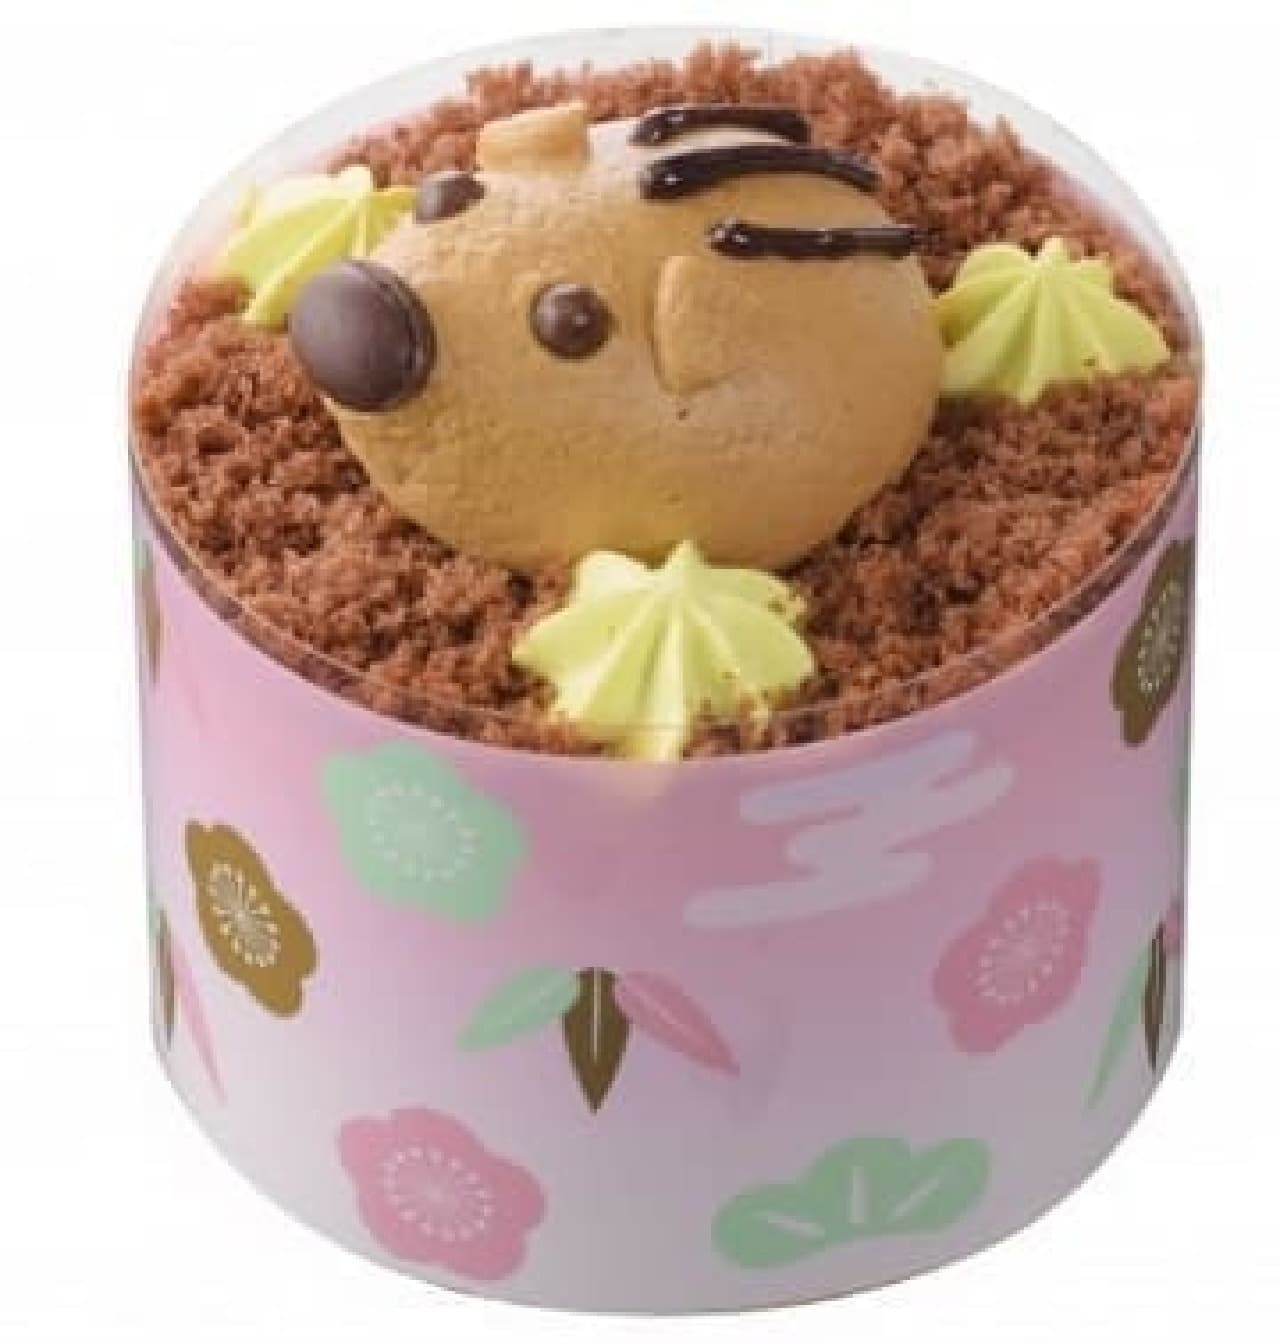 銀座コージーコーナー「亥年のケーキ」